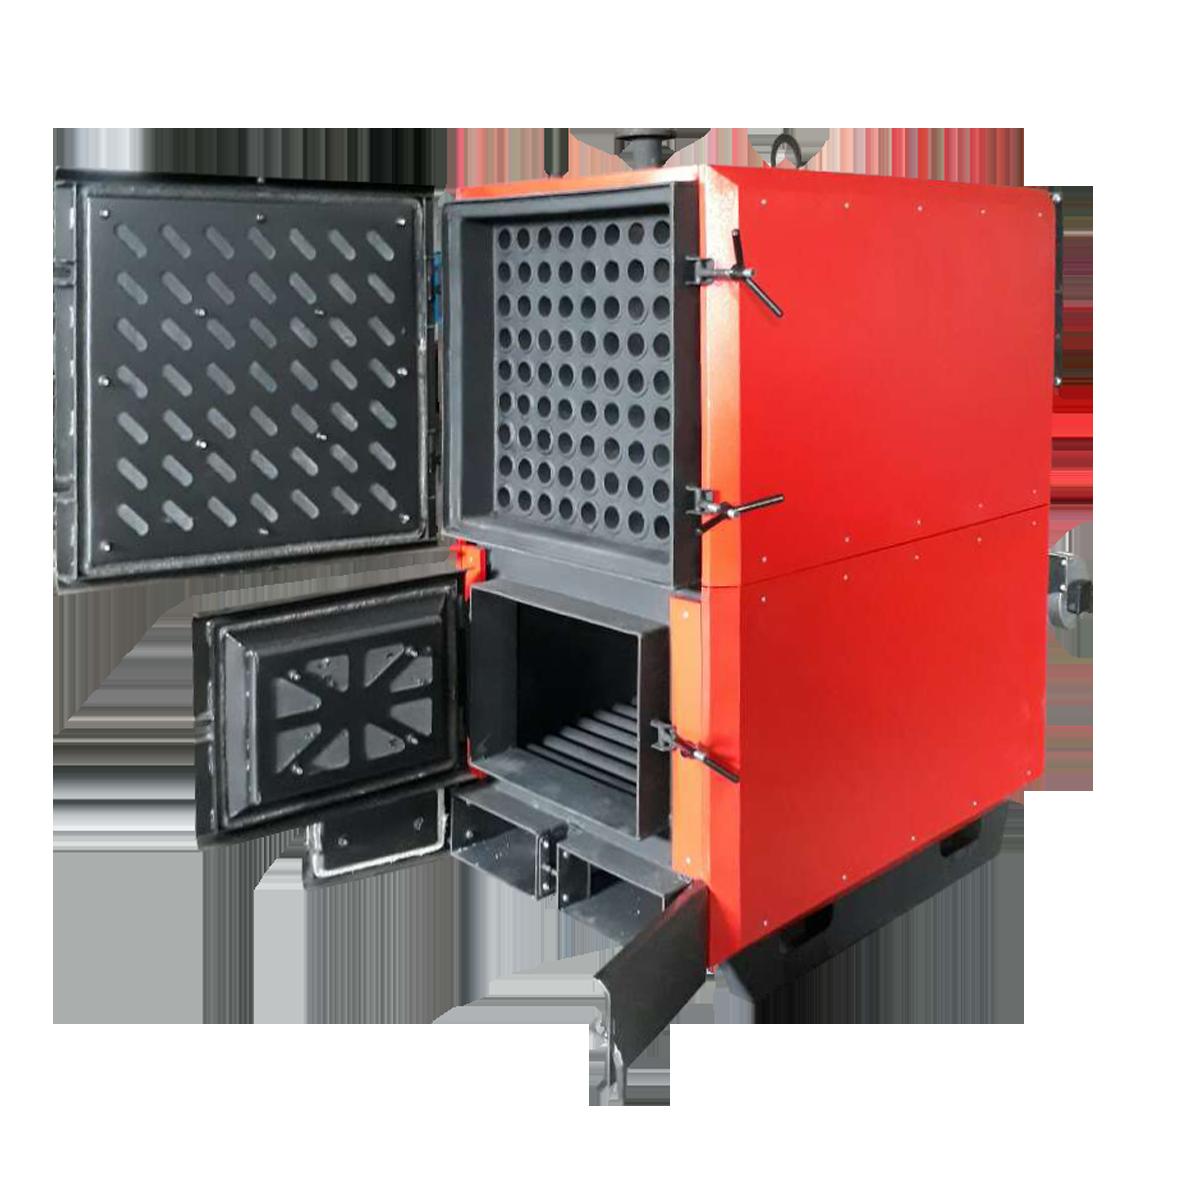 Твердотопливный котел Marten серии Industrial-T MIT-200 200 кВт